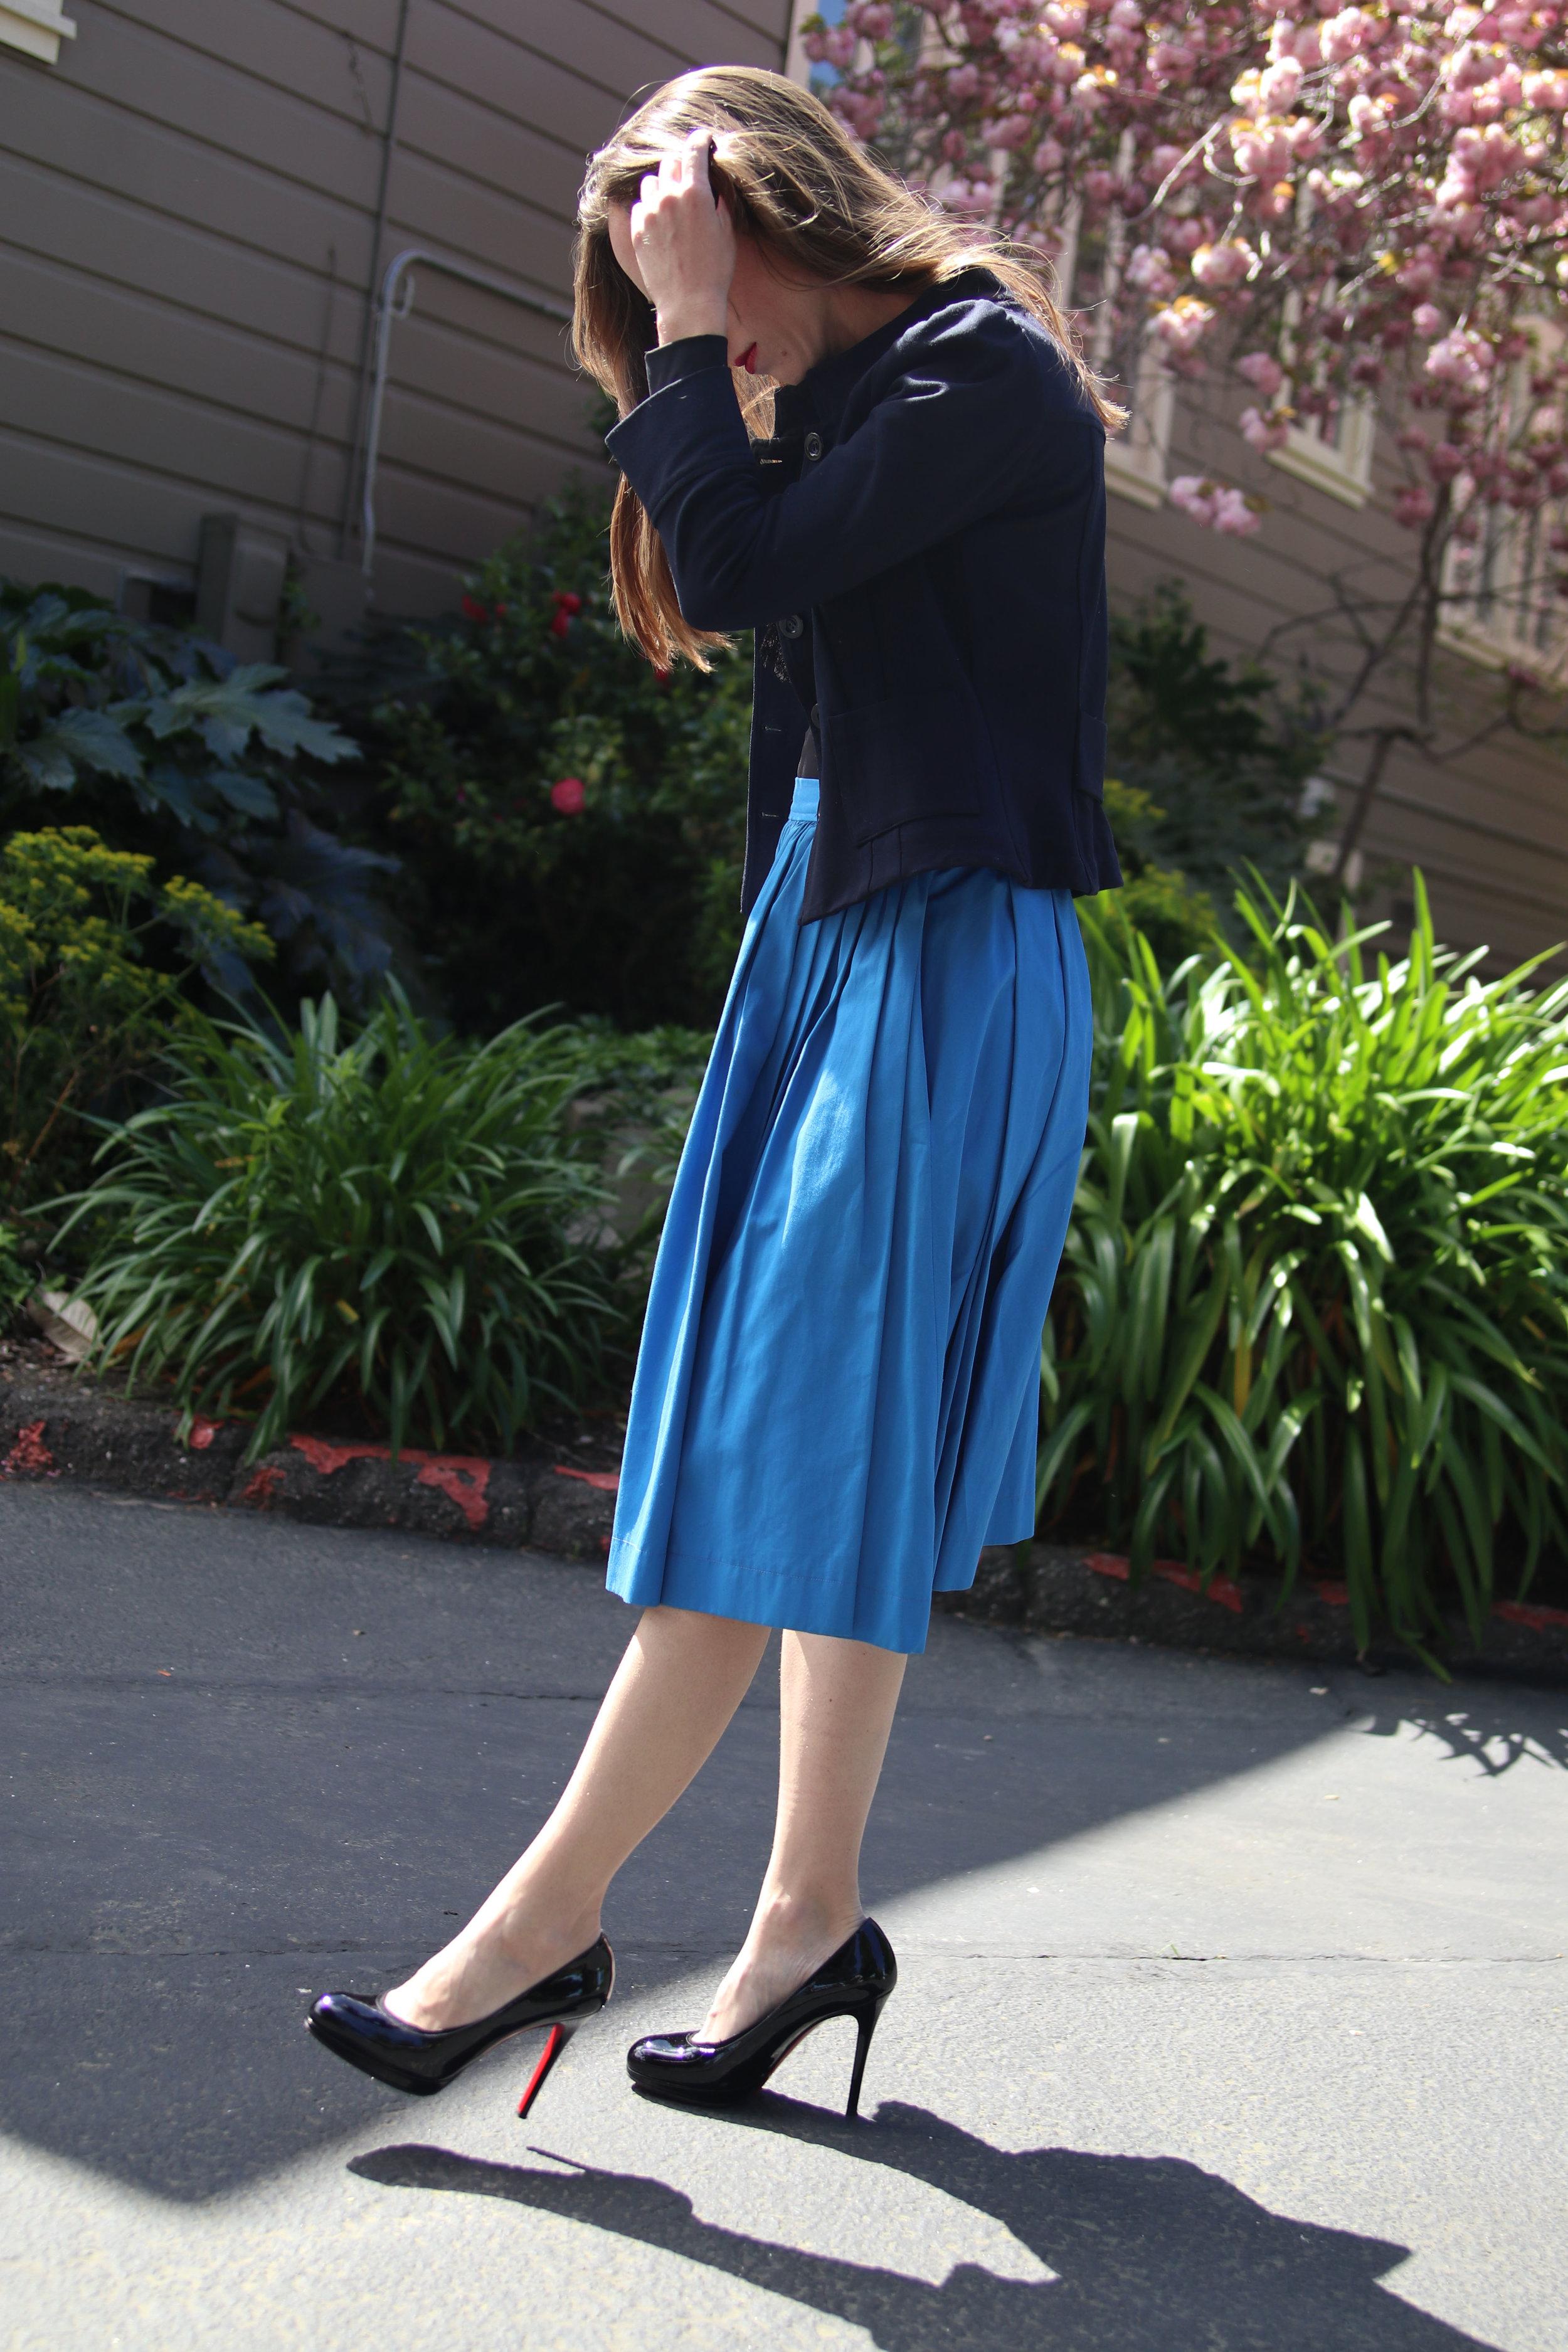 saint-laurent-vintage-skirt.jpg